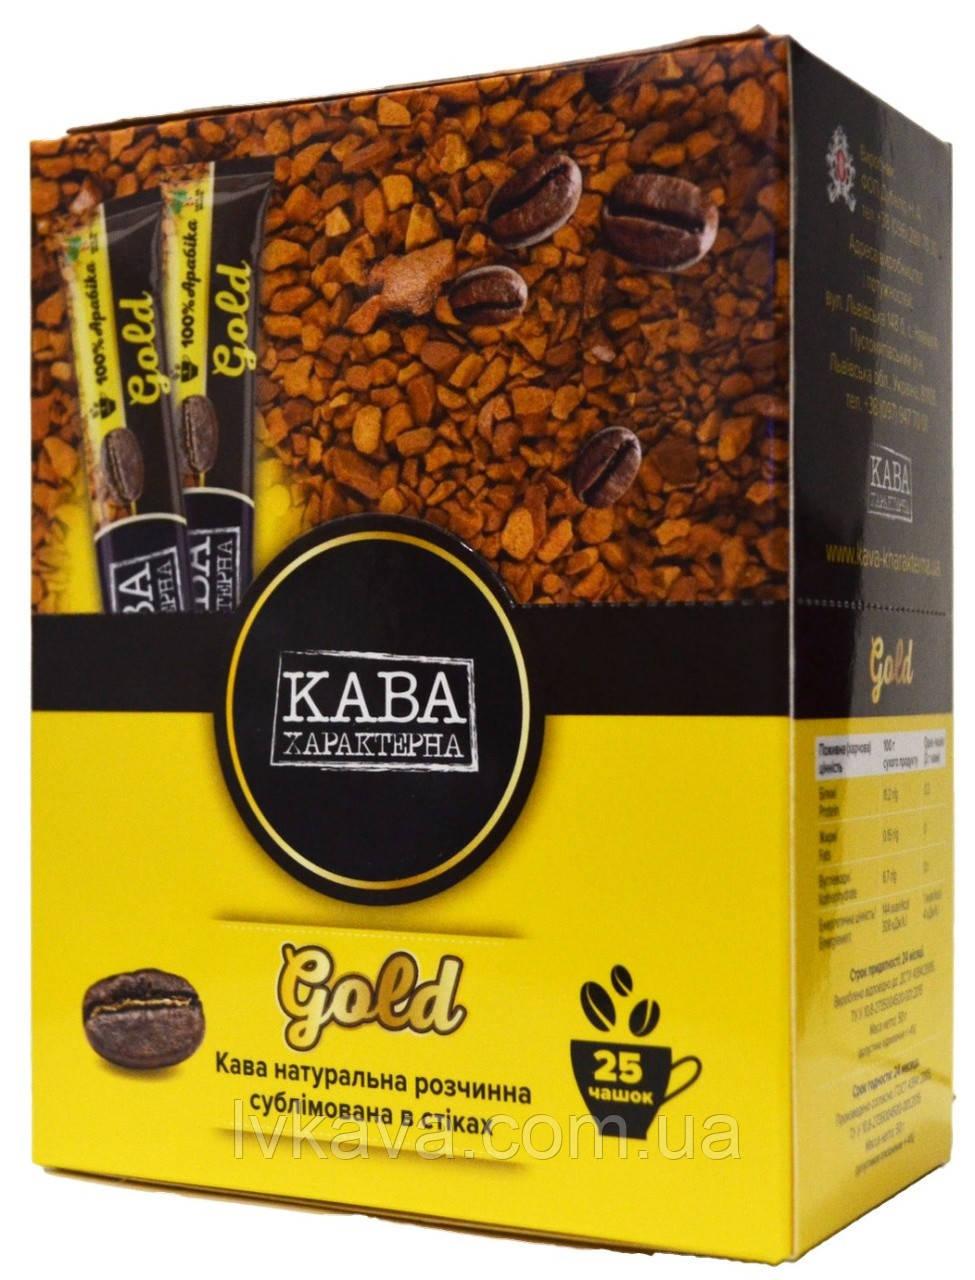 Кофе растворимый в стиках Golg Кава Характерна , 25 шт х 2  гр